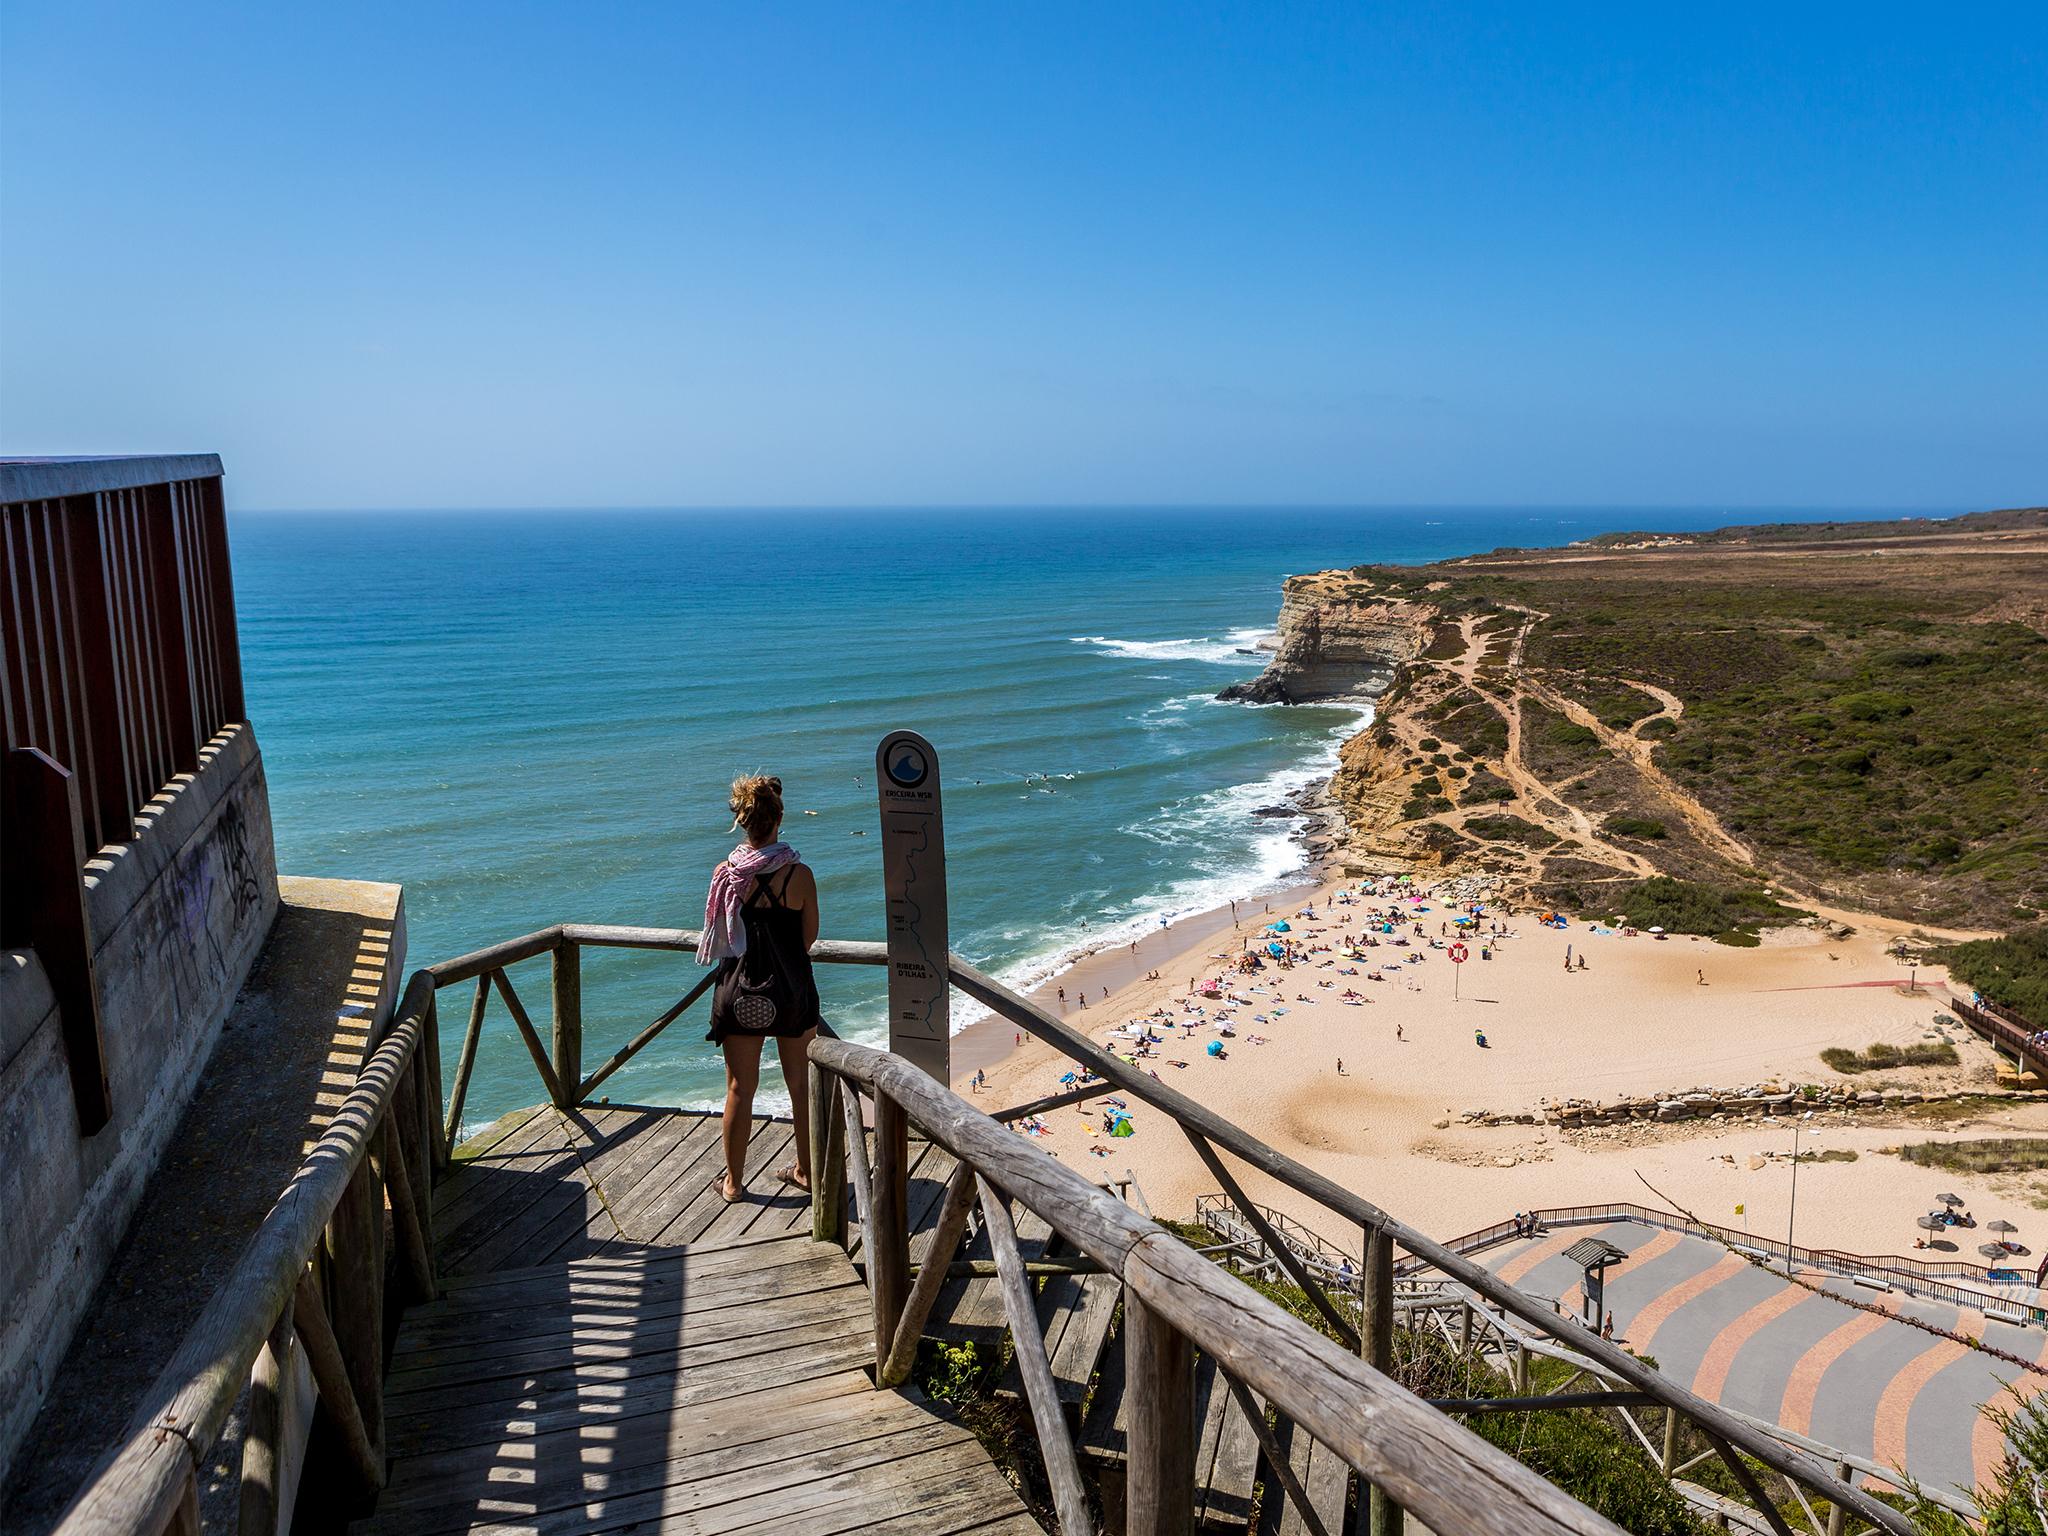 Ficar de molho: as praias na Ericeira para aproveitar o Verão